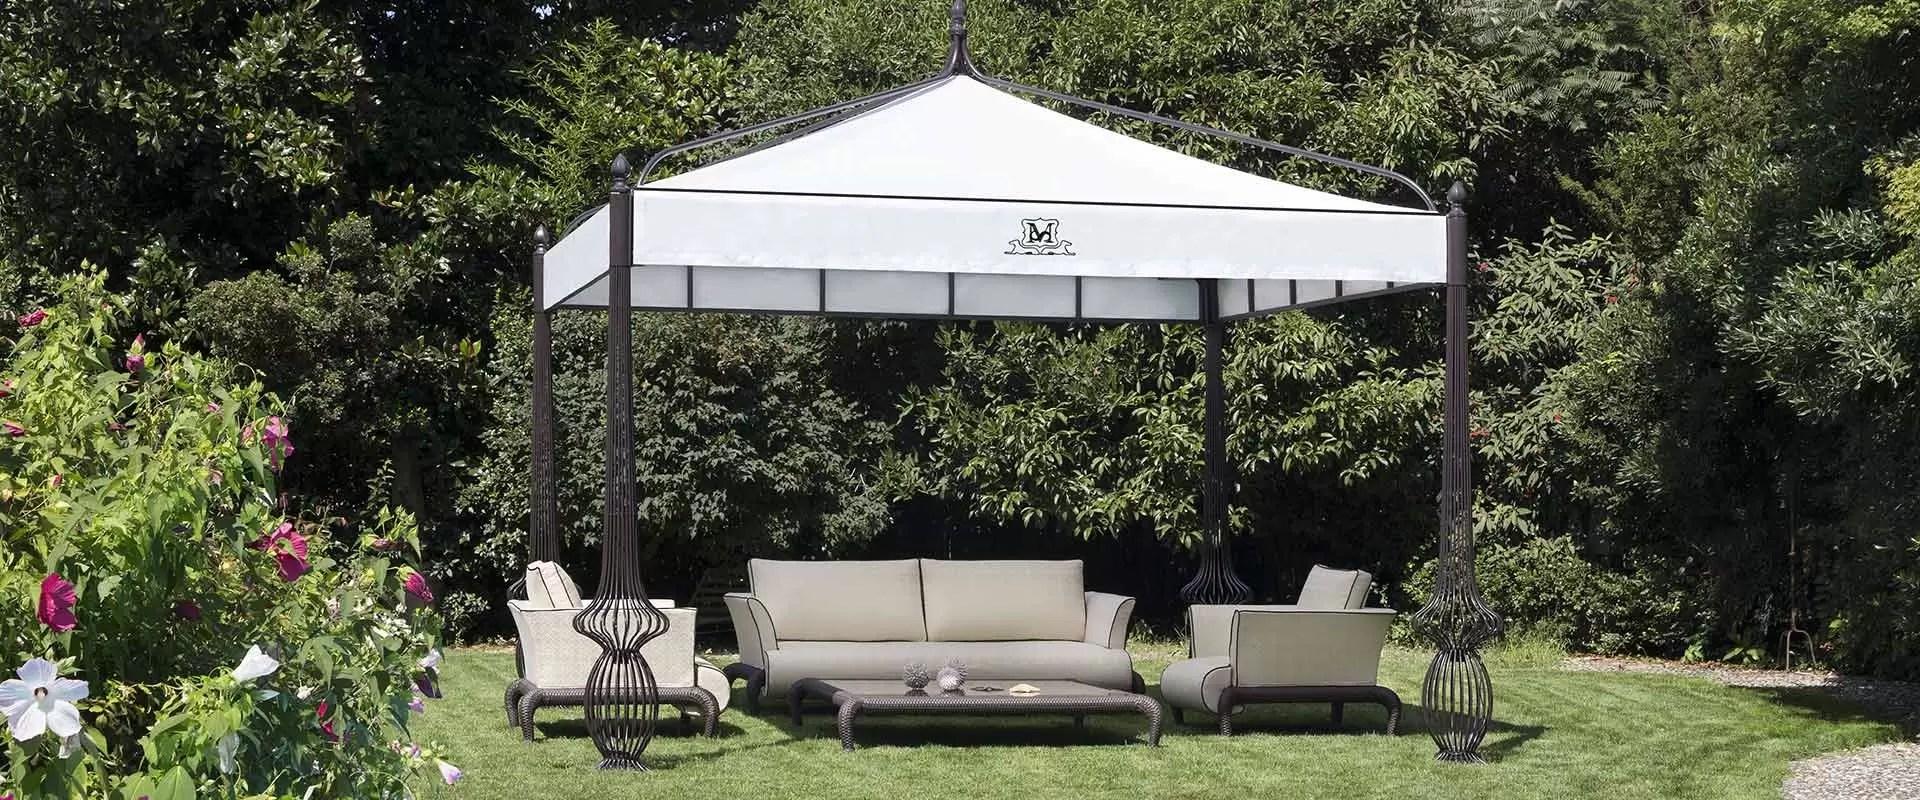 dfn luxury outdoor furniture sole